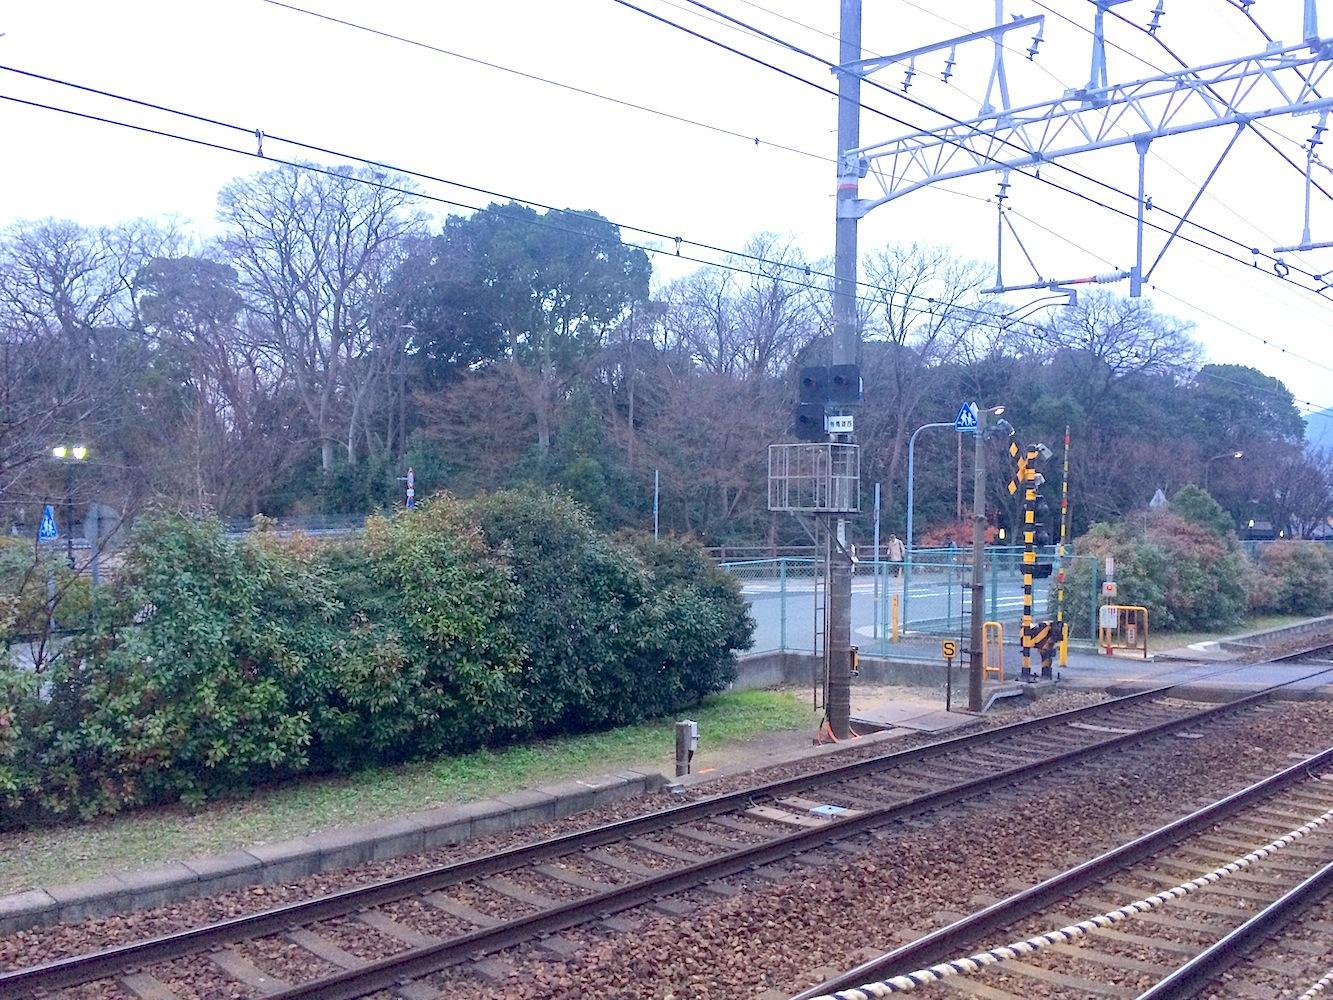 電車と美術館の森 -土地売買- (神戸市東灘区住吉山手の物件) - 神戸R不動産